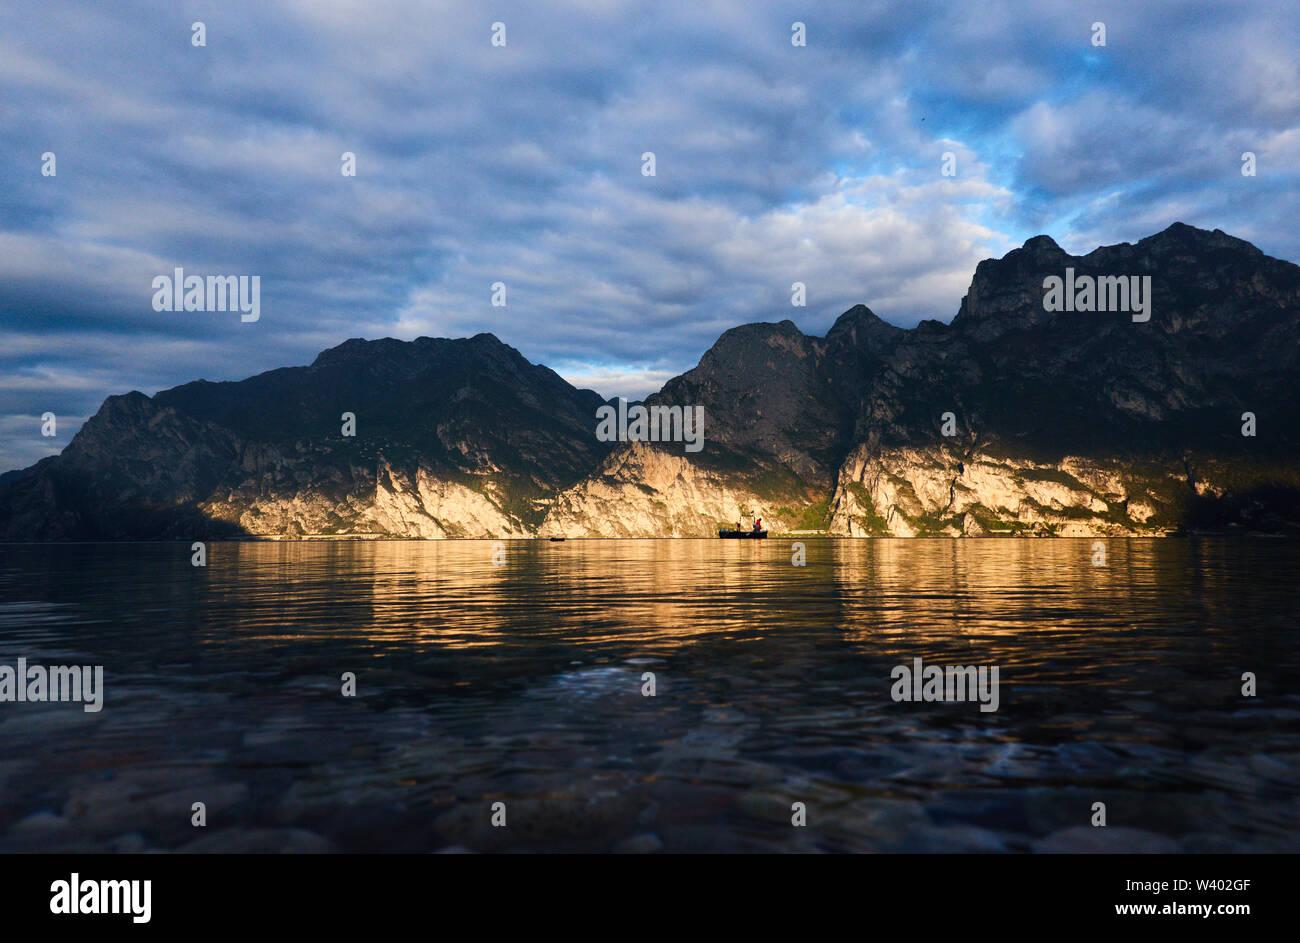 Fisherman fishing at sunrise, Pregasina village, Cima della Nara at Lago di Garda, Lake Garda in Torbole - Nago, Riva, Trentino , Italy at April 15, 2 - Stock Image